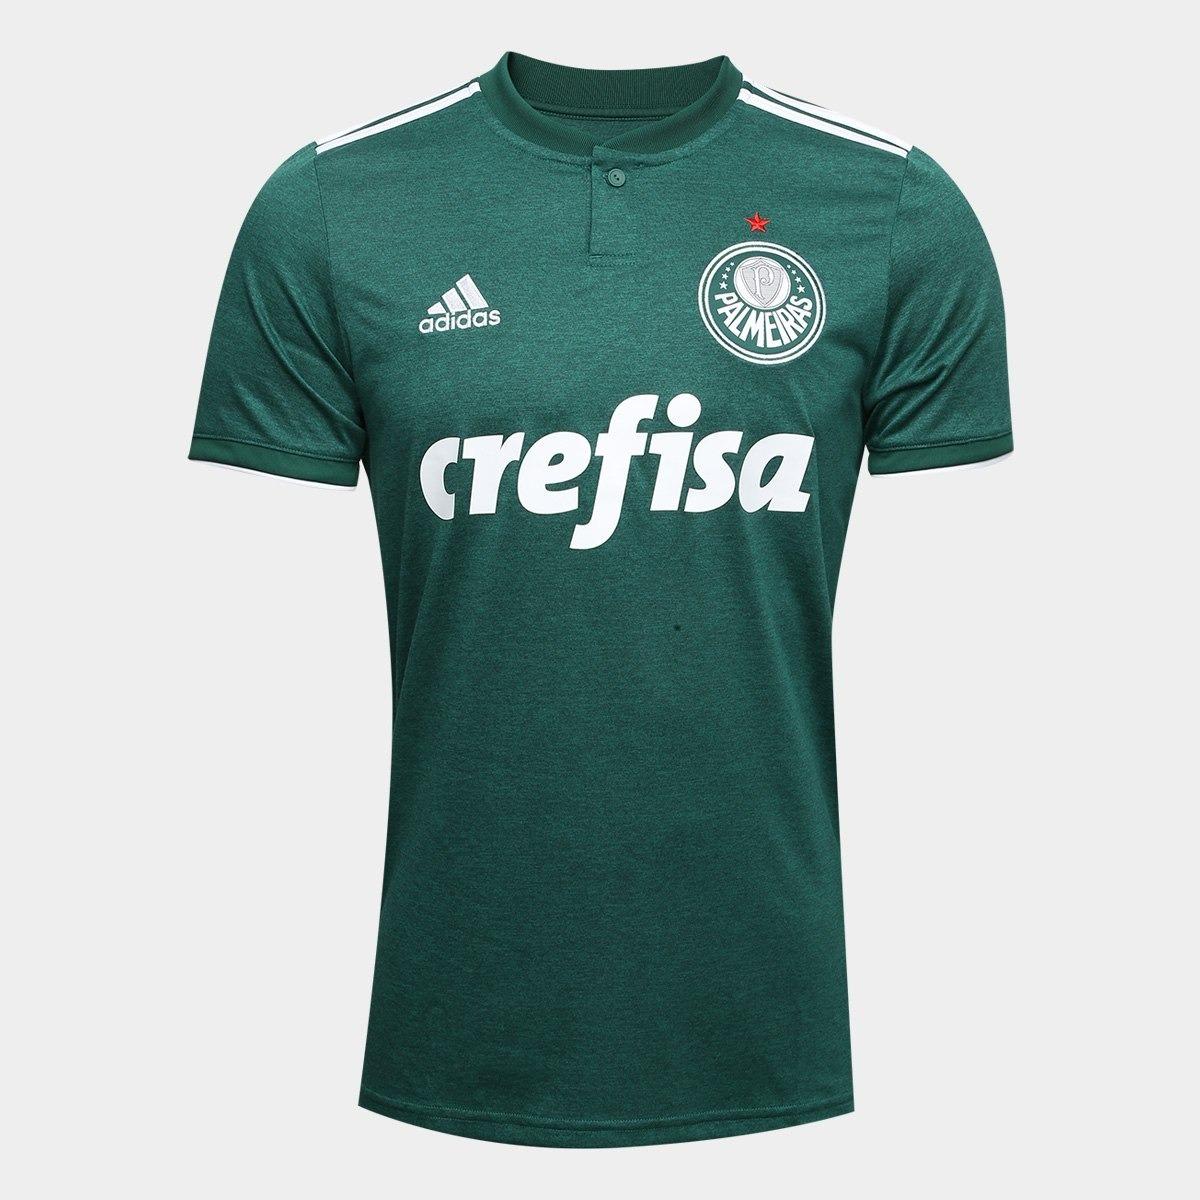 Camisa Palmeiras 2018 100% Original Frete Gratis - R  139 bb1997e0430ad